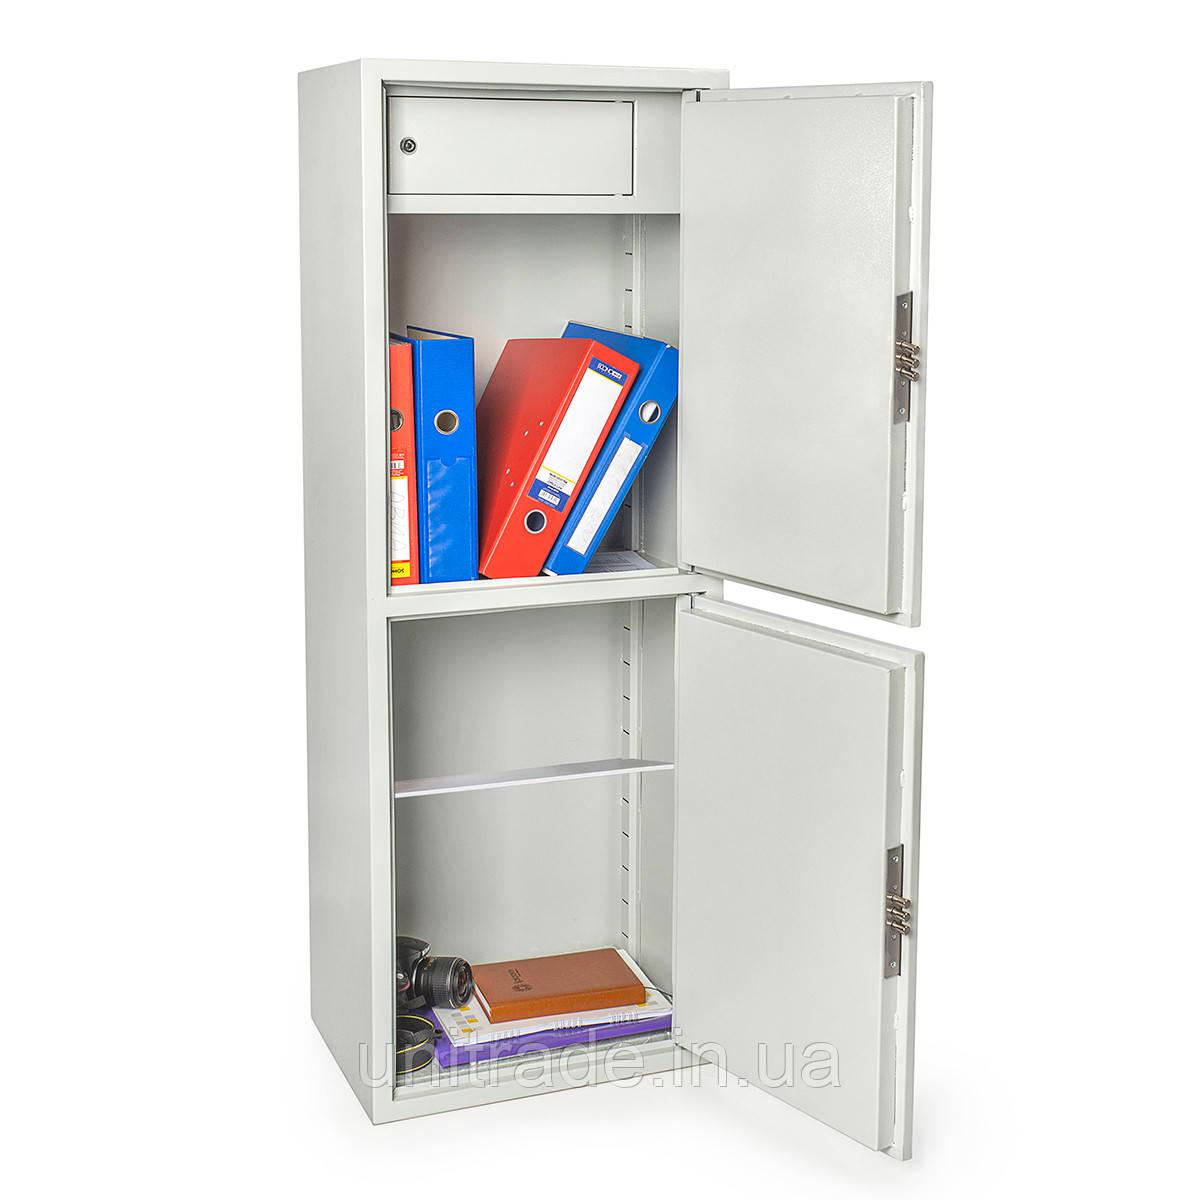 Шкаф сейф 127х46х34 см.  БЛ-127К2.Т1.П2.7035  механический замок для дома, офиса, в гостиницу